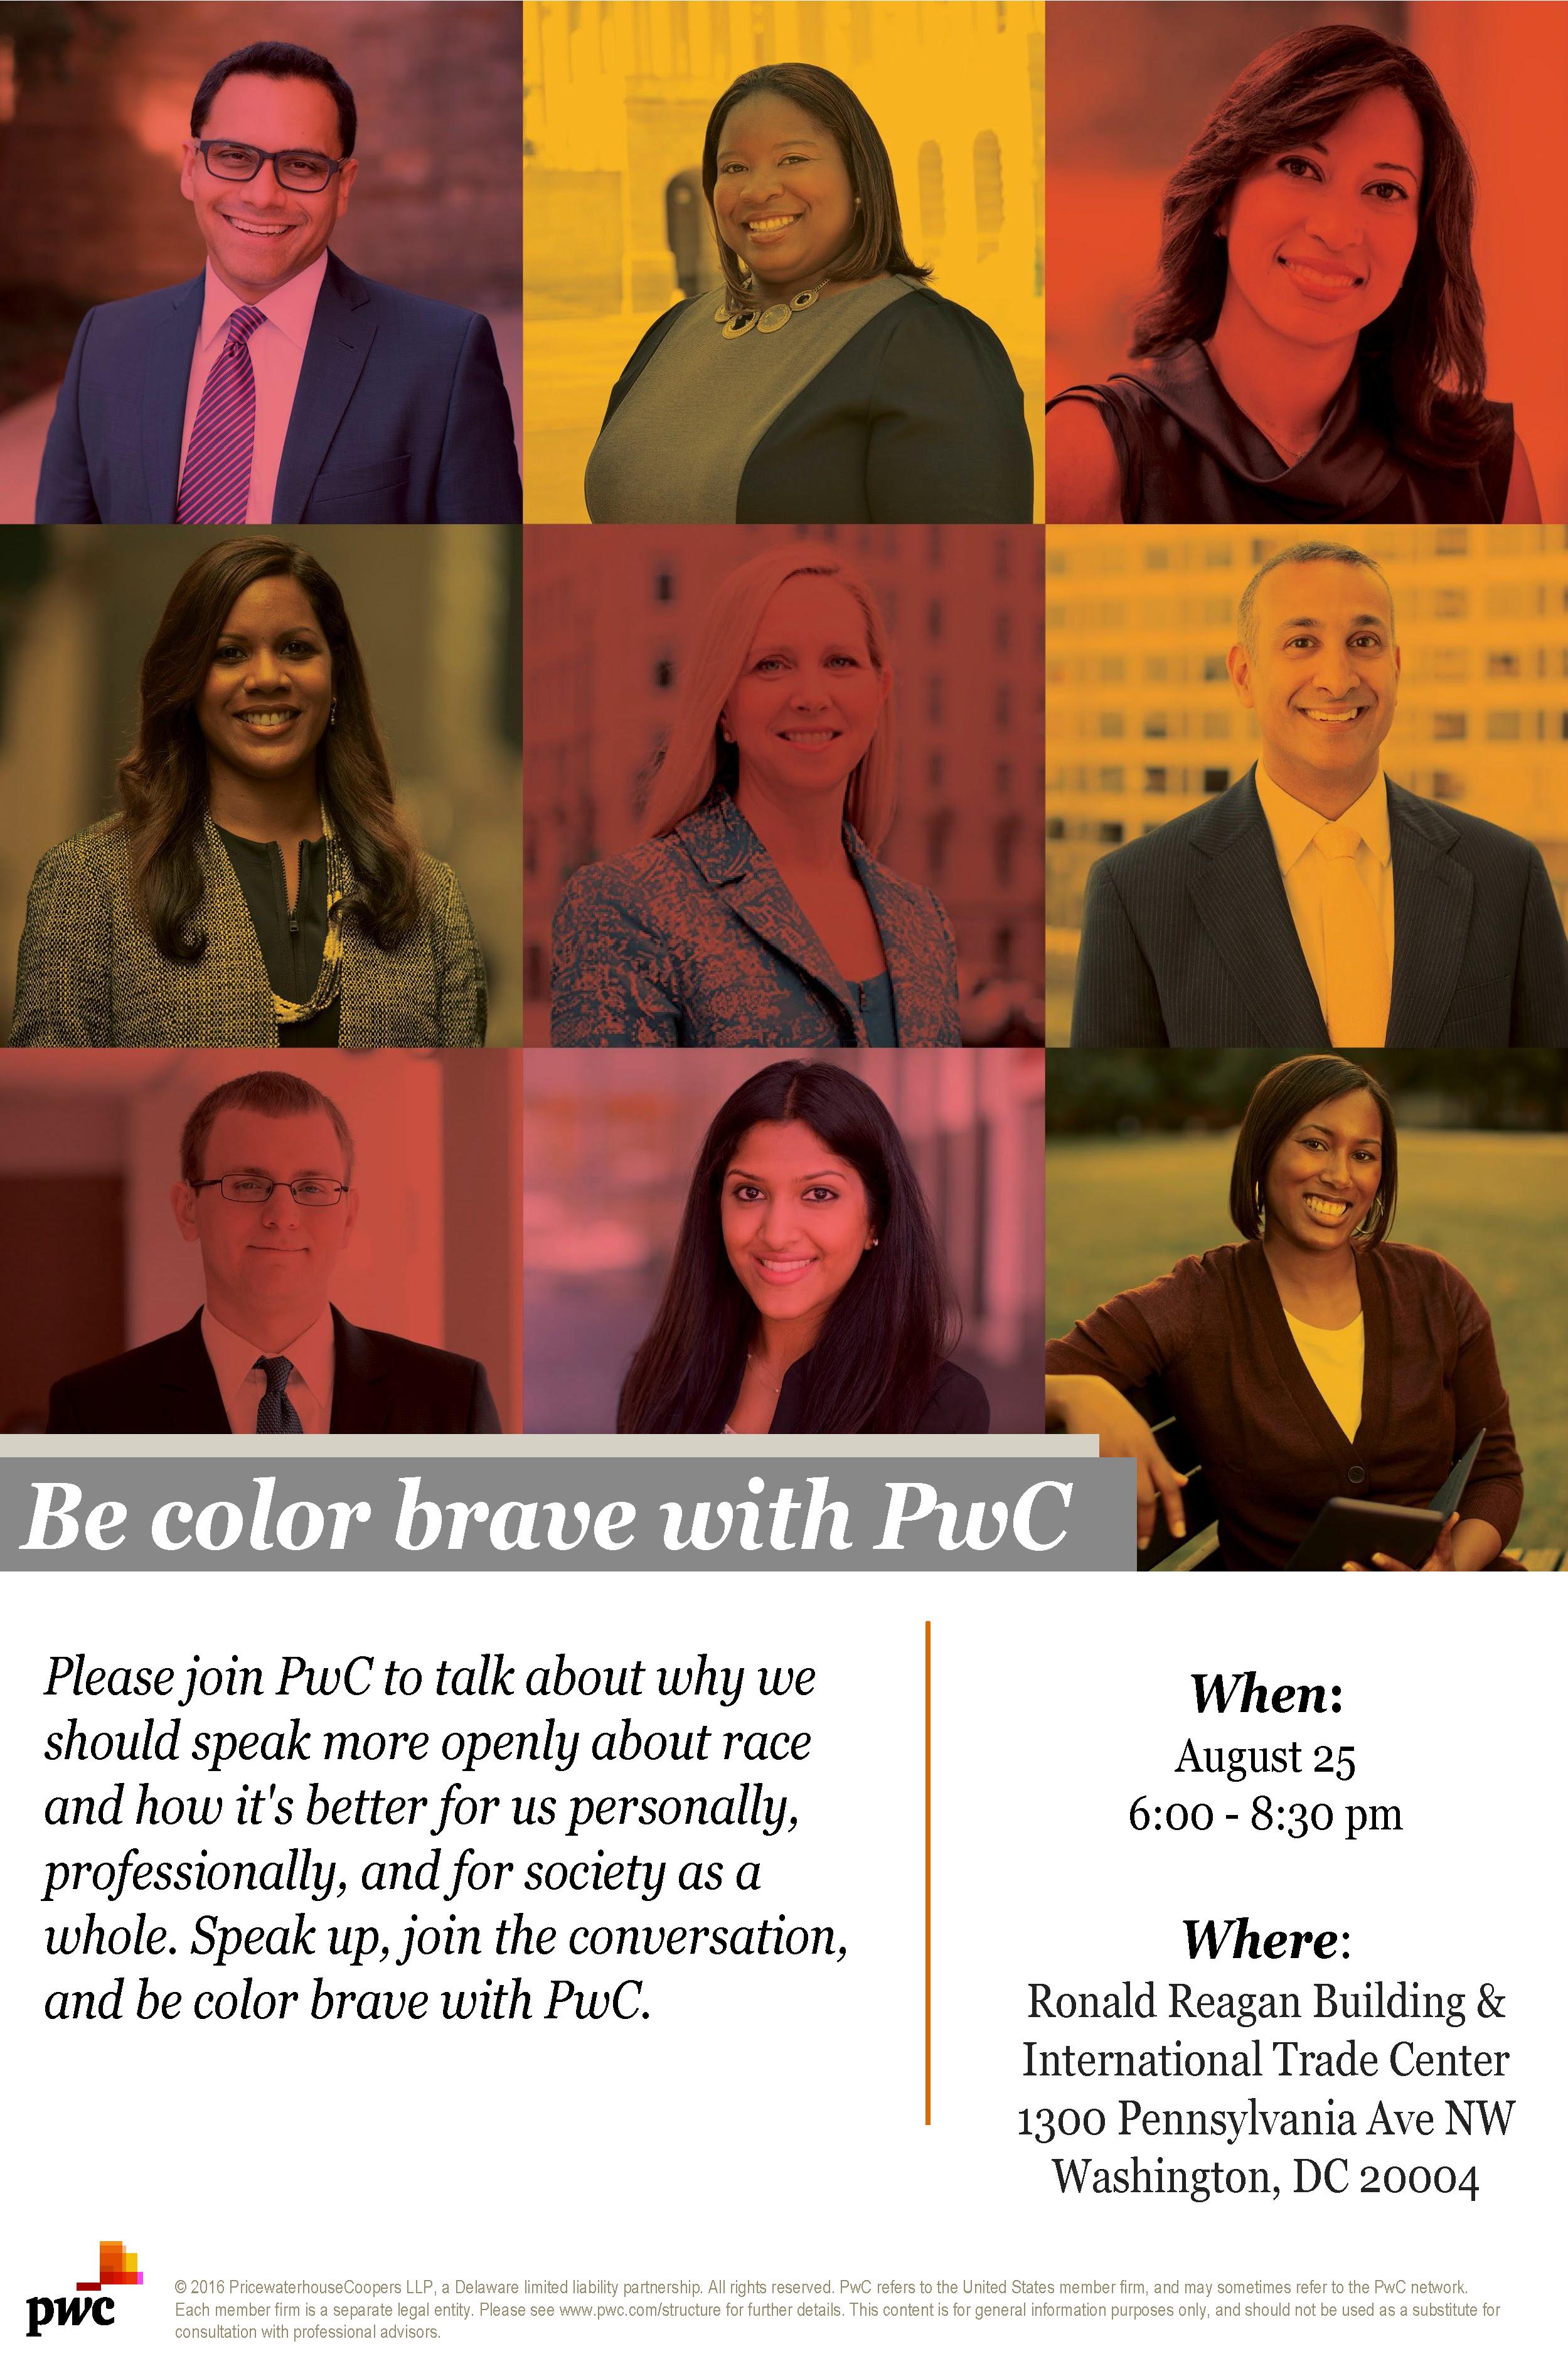 PwC Color Brave